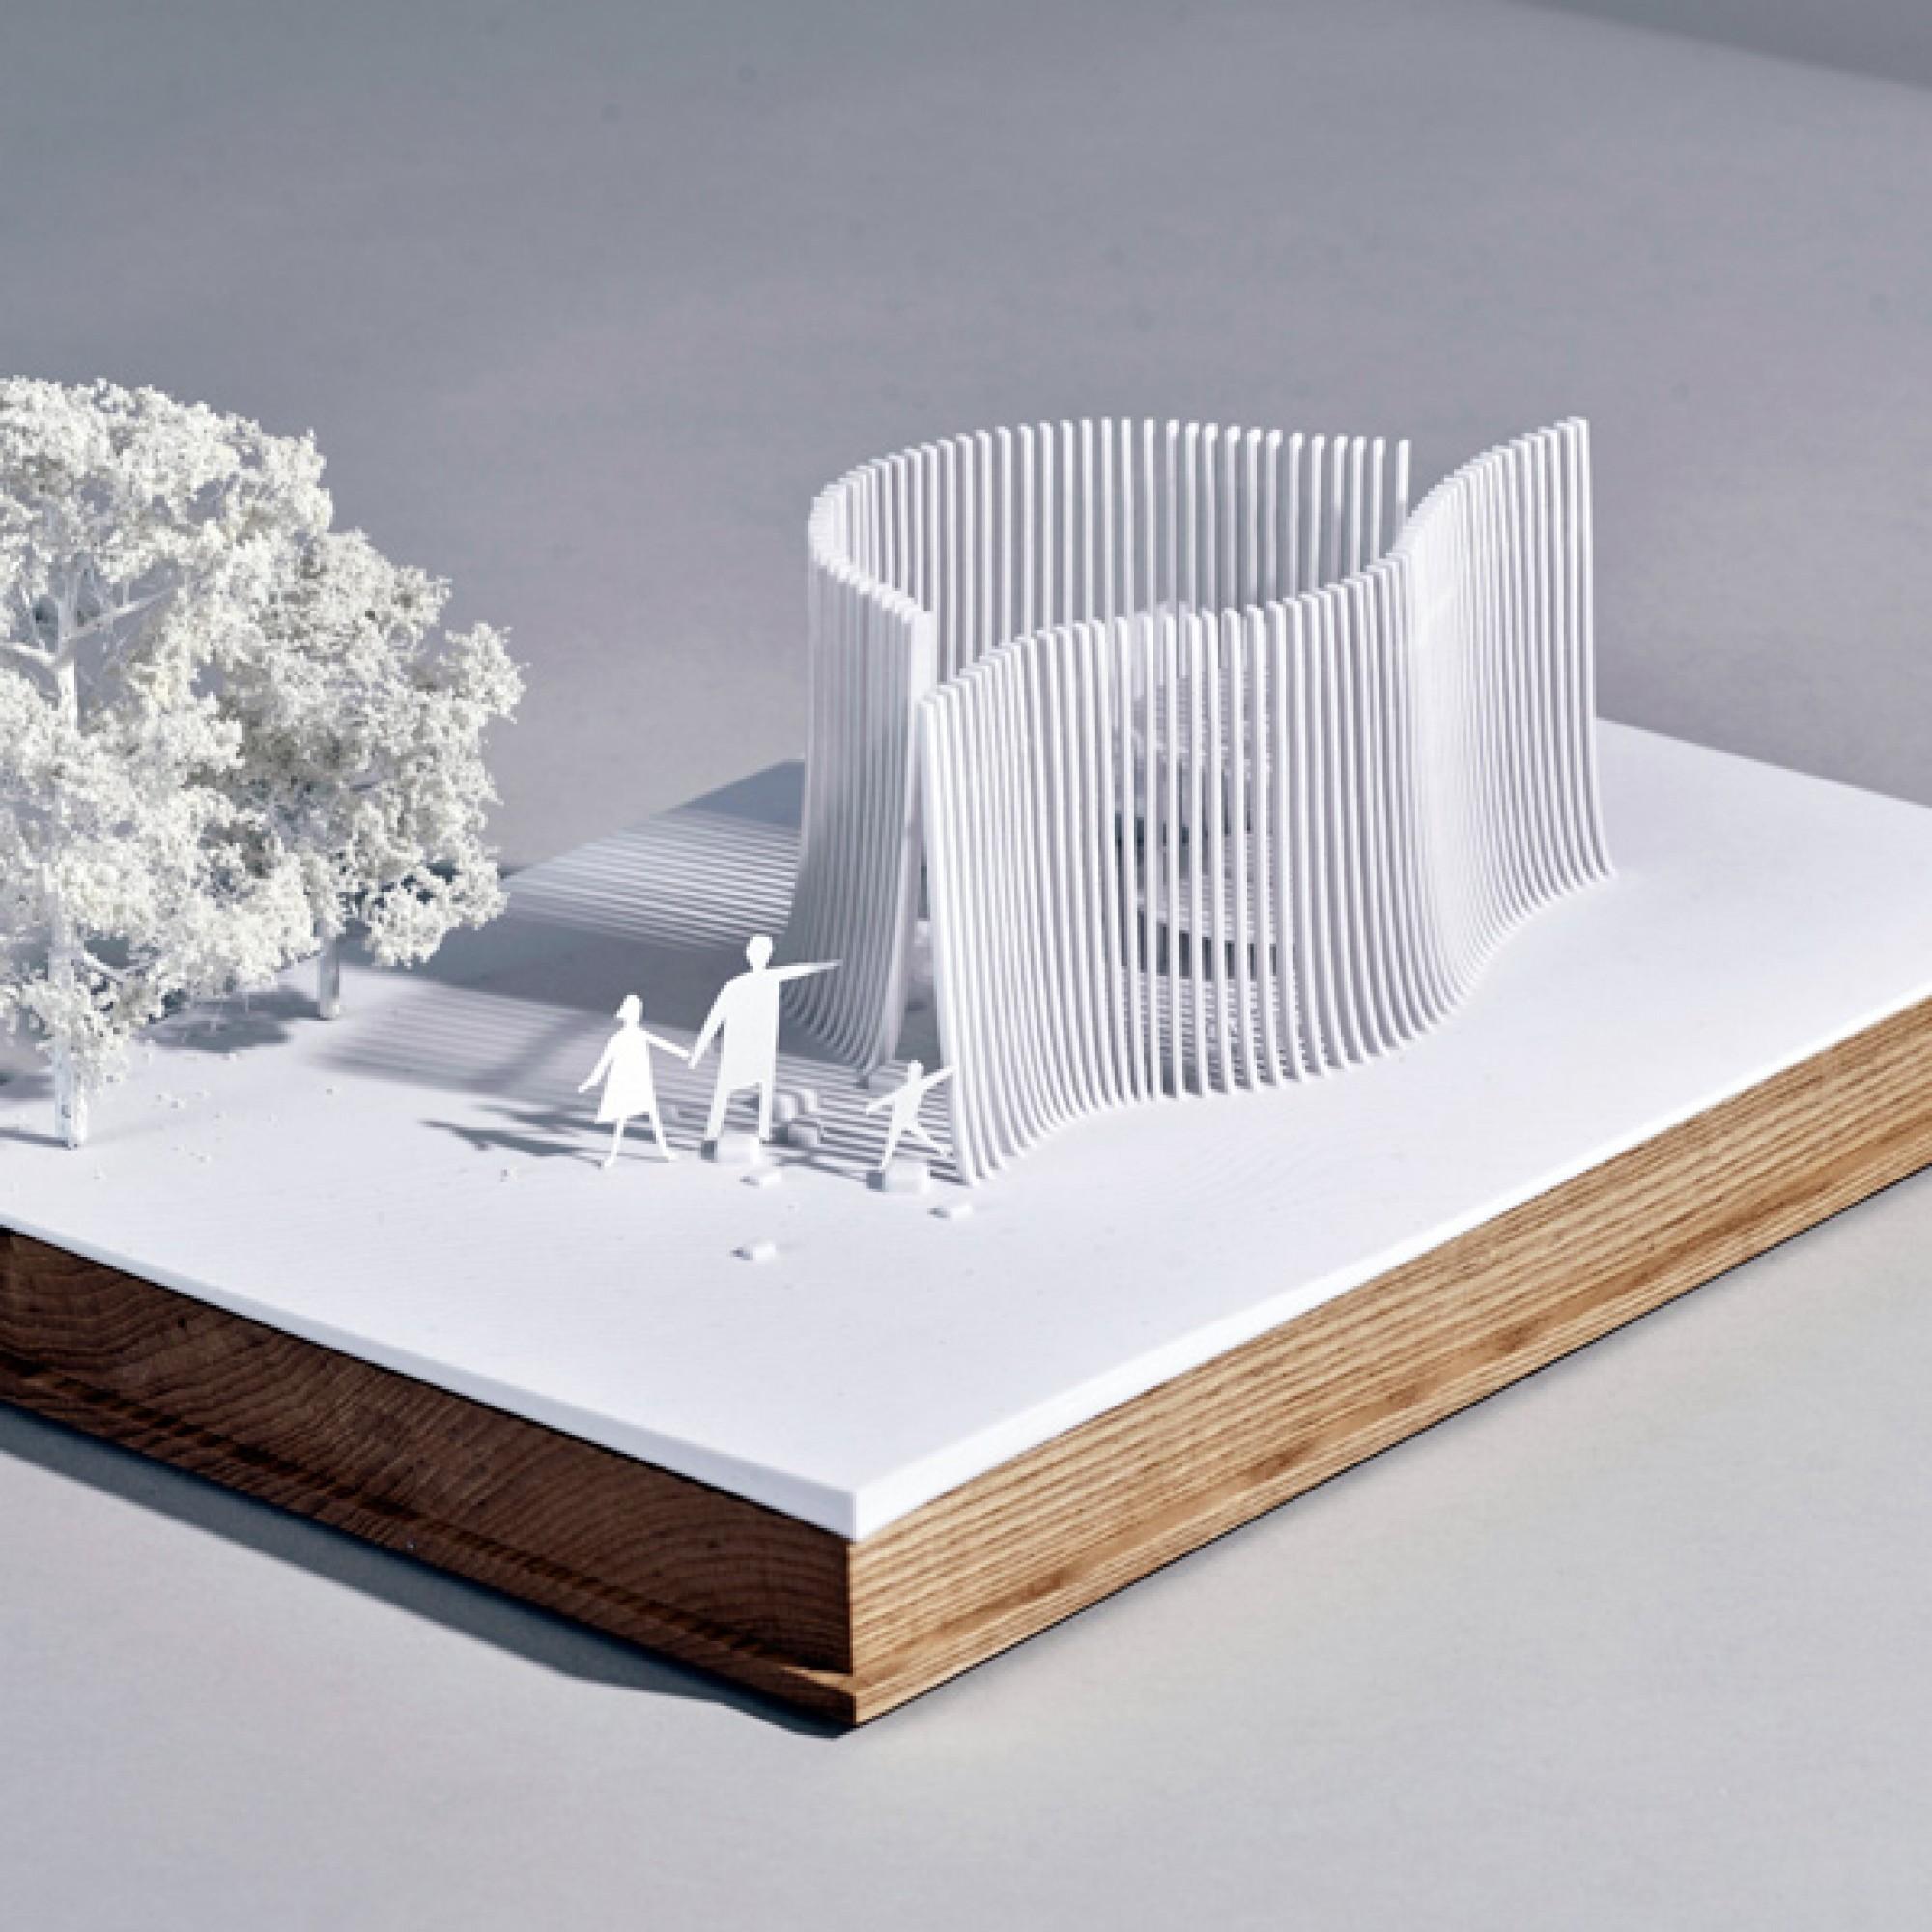 Asif Kahn setzt bei seinem Entwurf ebenfalls auf Schattenspiel, allerdings mit Lamellen statt Rahmen. (Asif Khan)